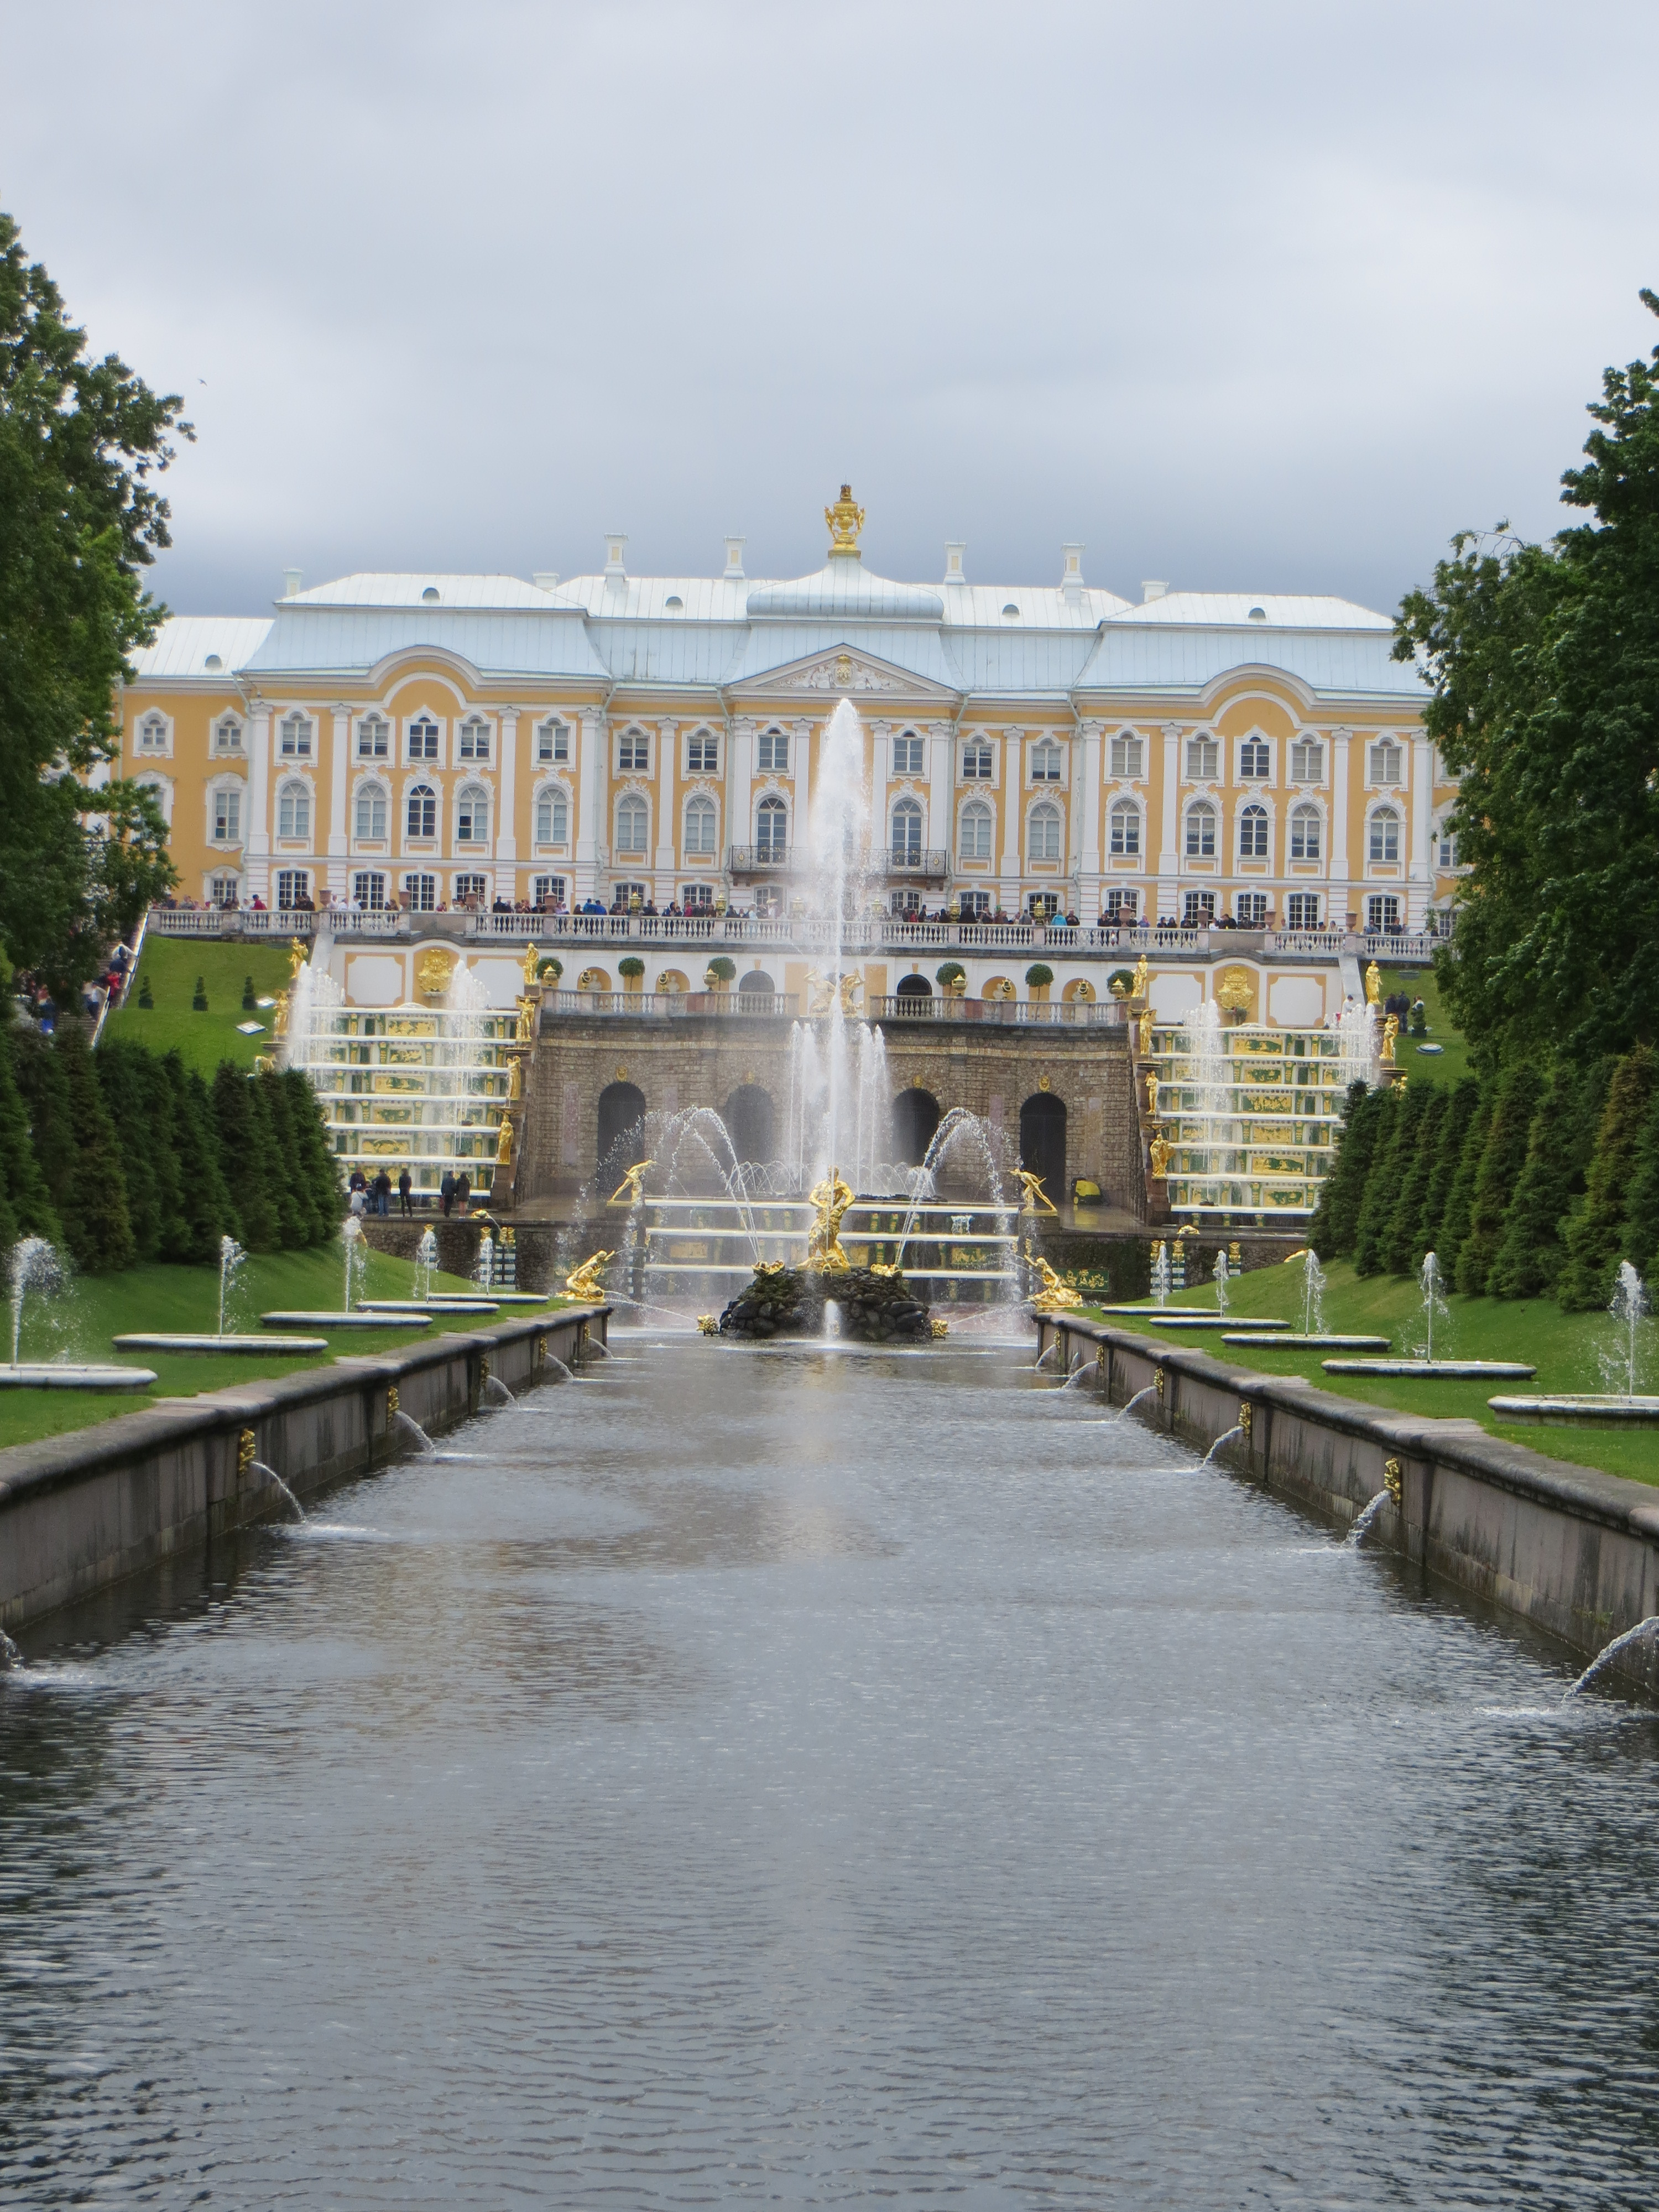 St Petersburg 7.12 Peterhof Russia